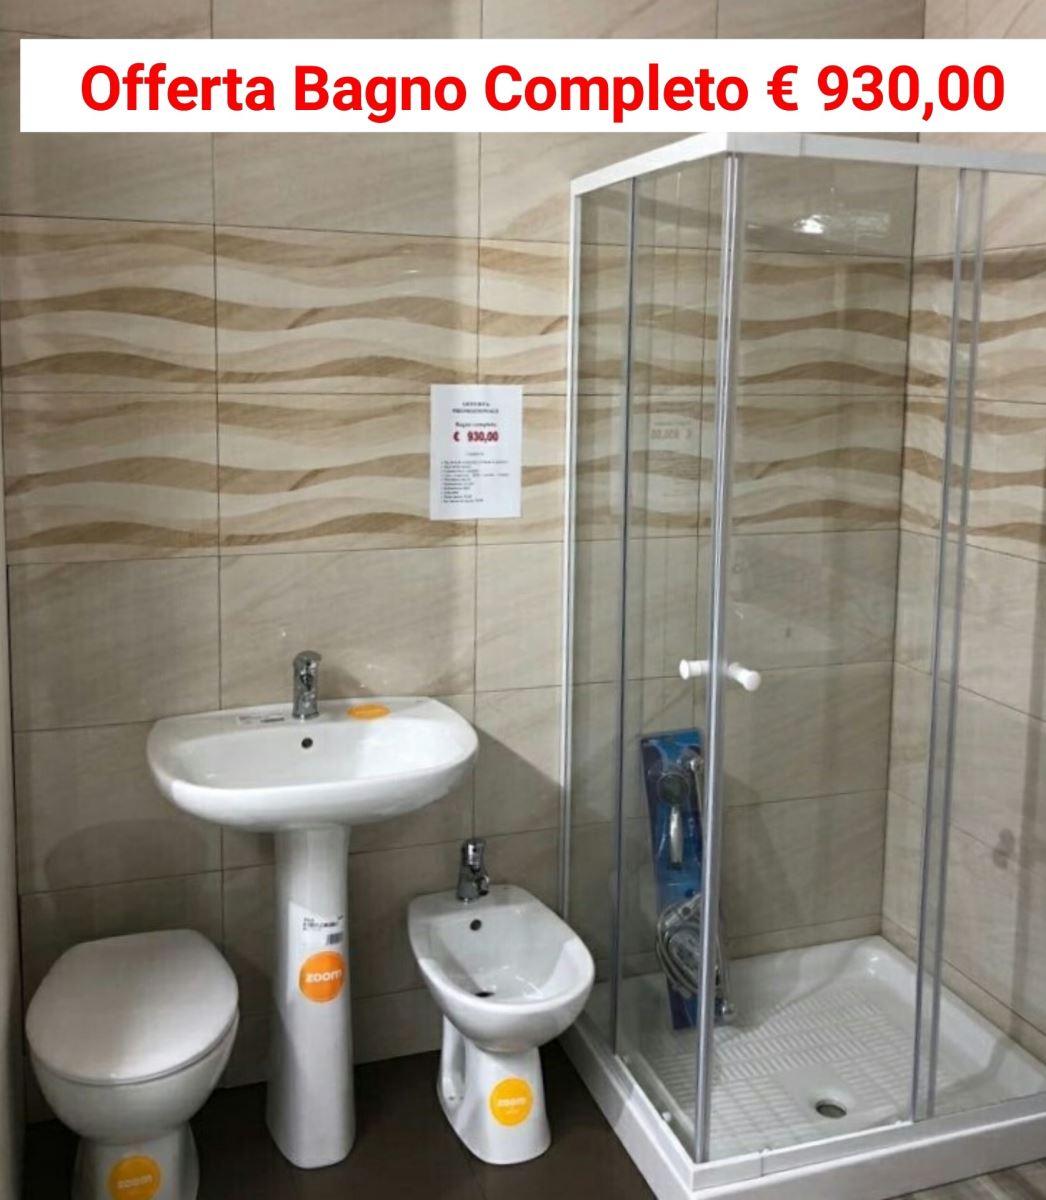 Offerta Bagno Completo € 930,00 | Arredo Bagno Nicolò